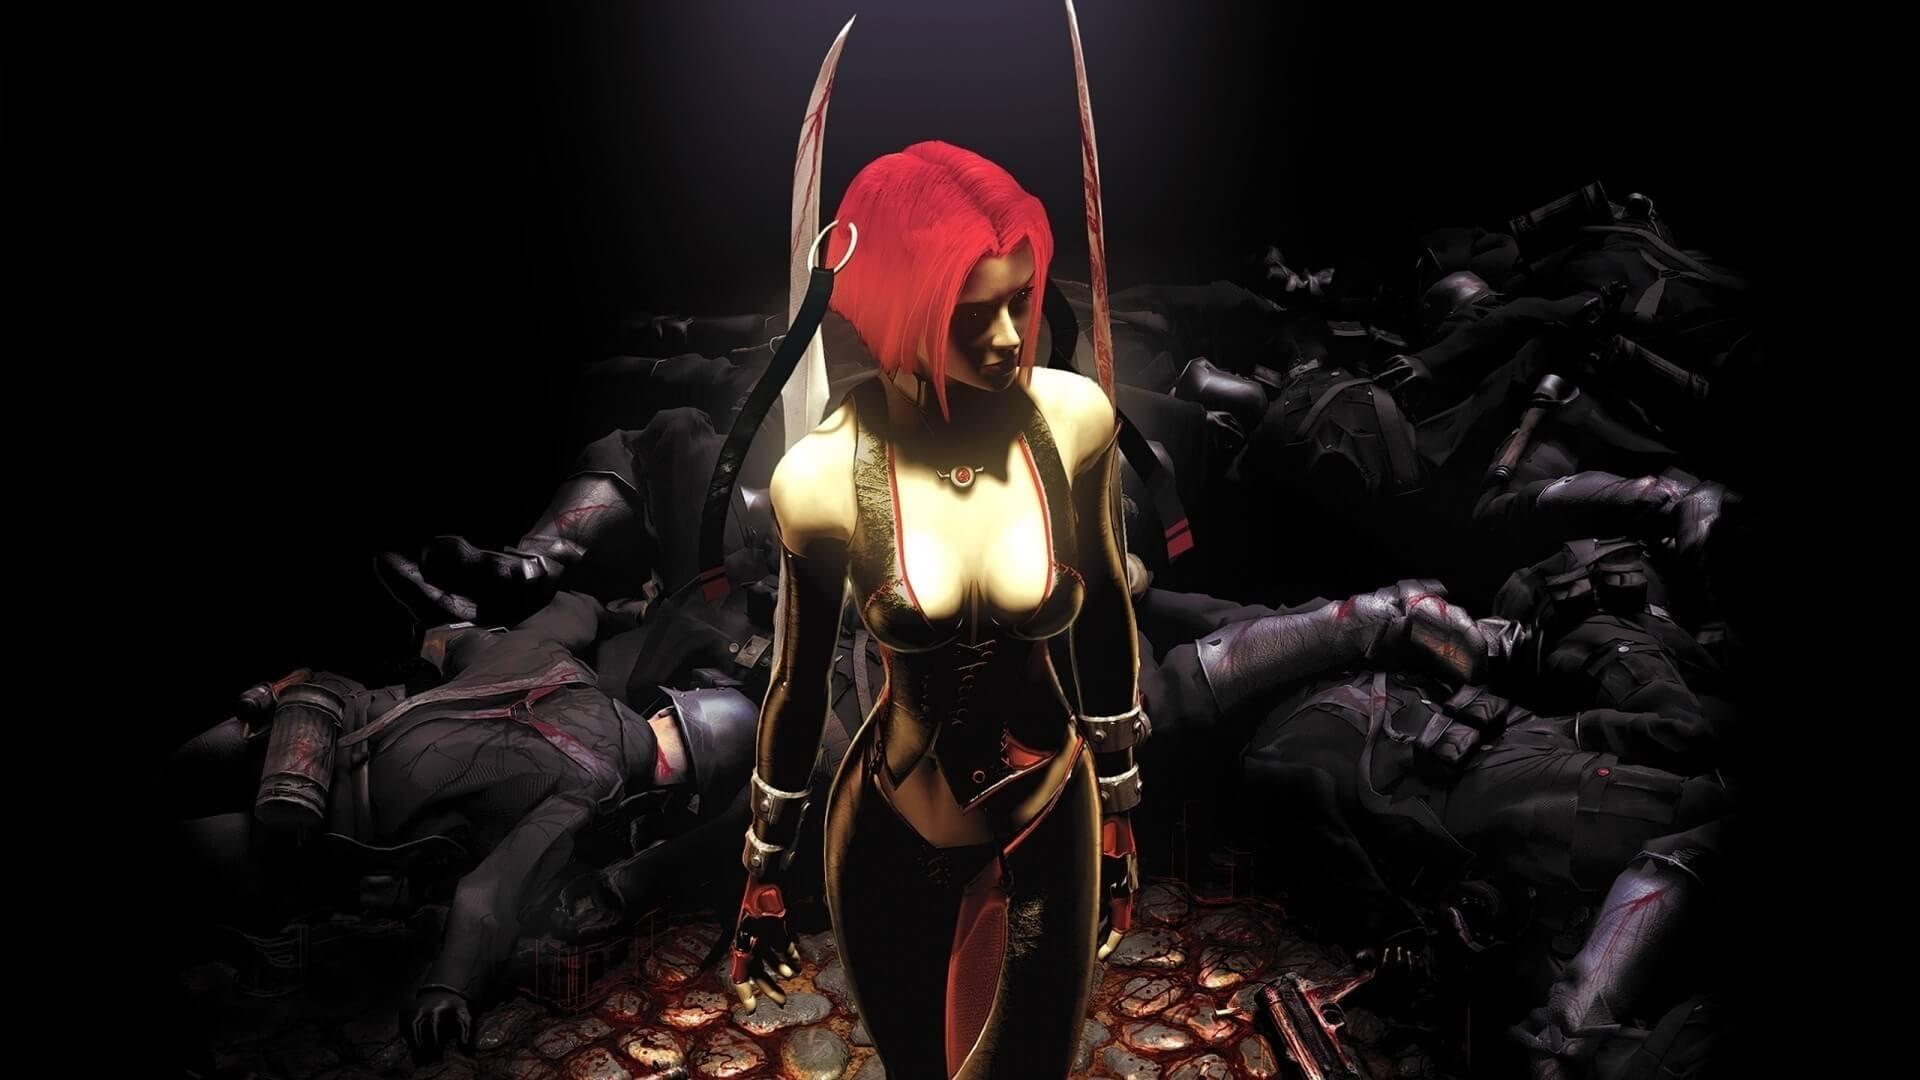 A Ziggurat Interactive comprou o IP BloodRayne, trabalhando em aprimoramentos para PC, ...